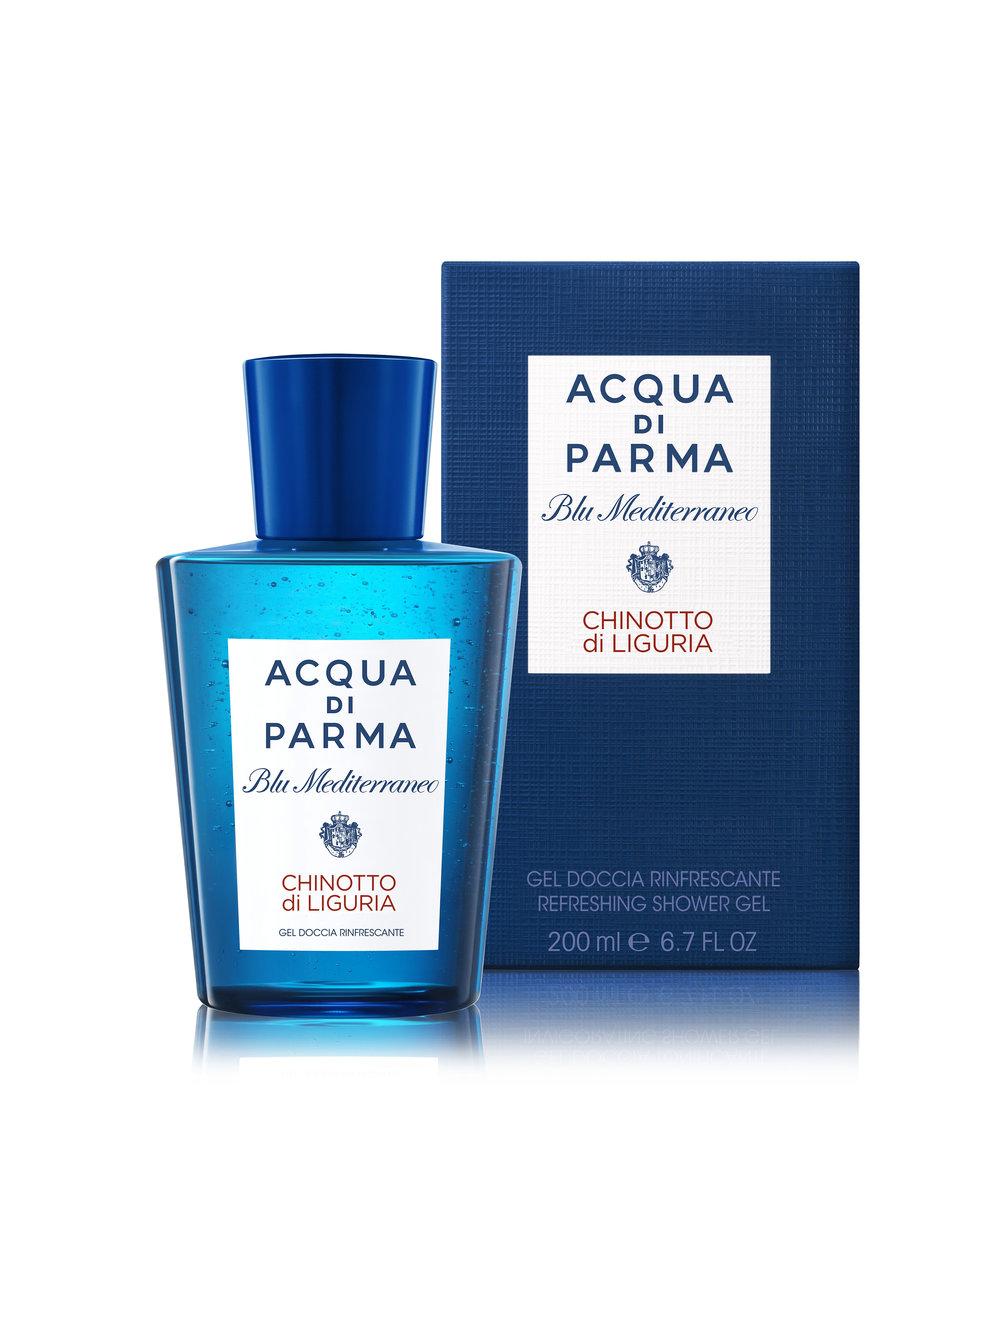 NEW Acqua di Parma Blu Mediterraneo Chinotto di Liguria Shower Gel & Pack (1).jpg